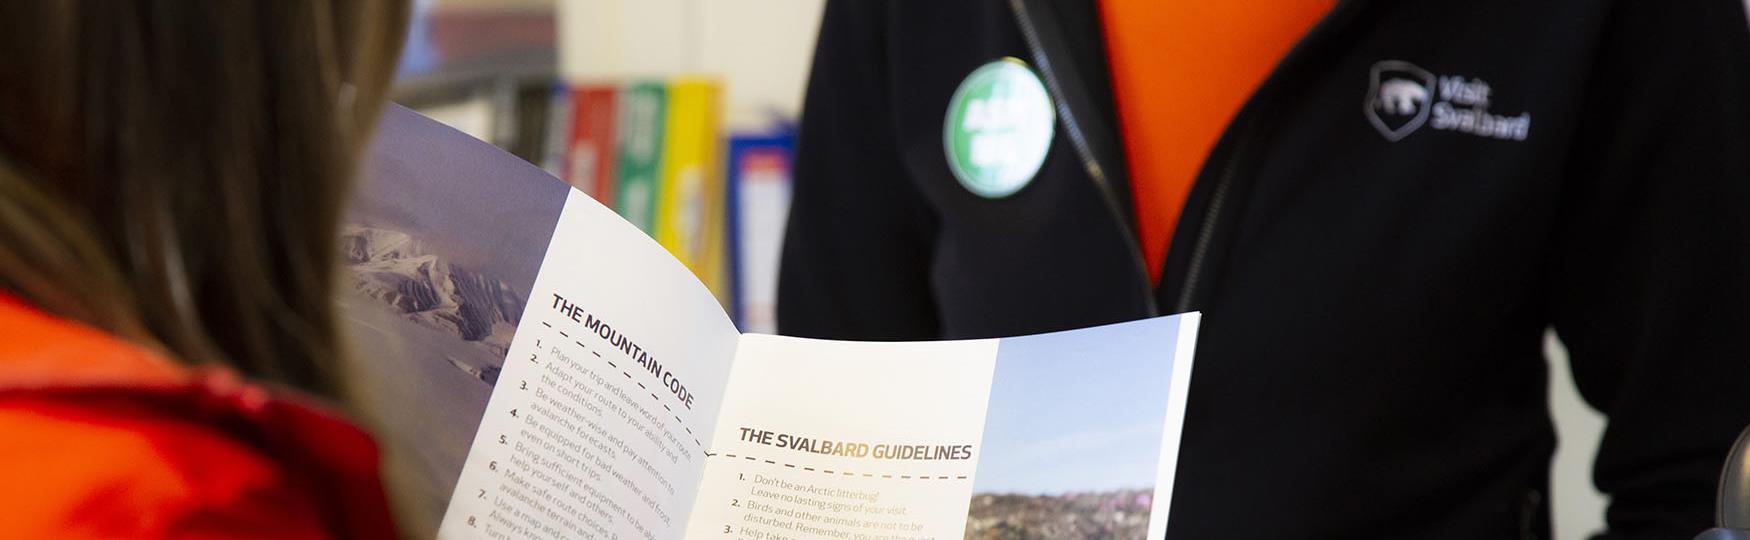 Svalbard guidelines